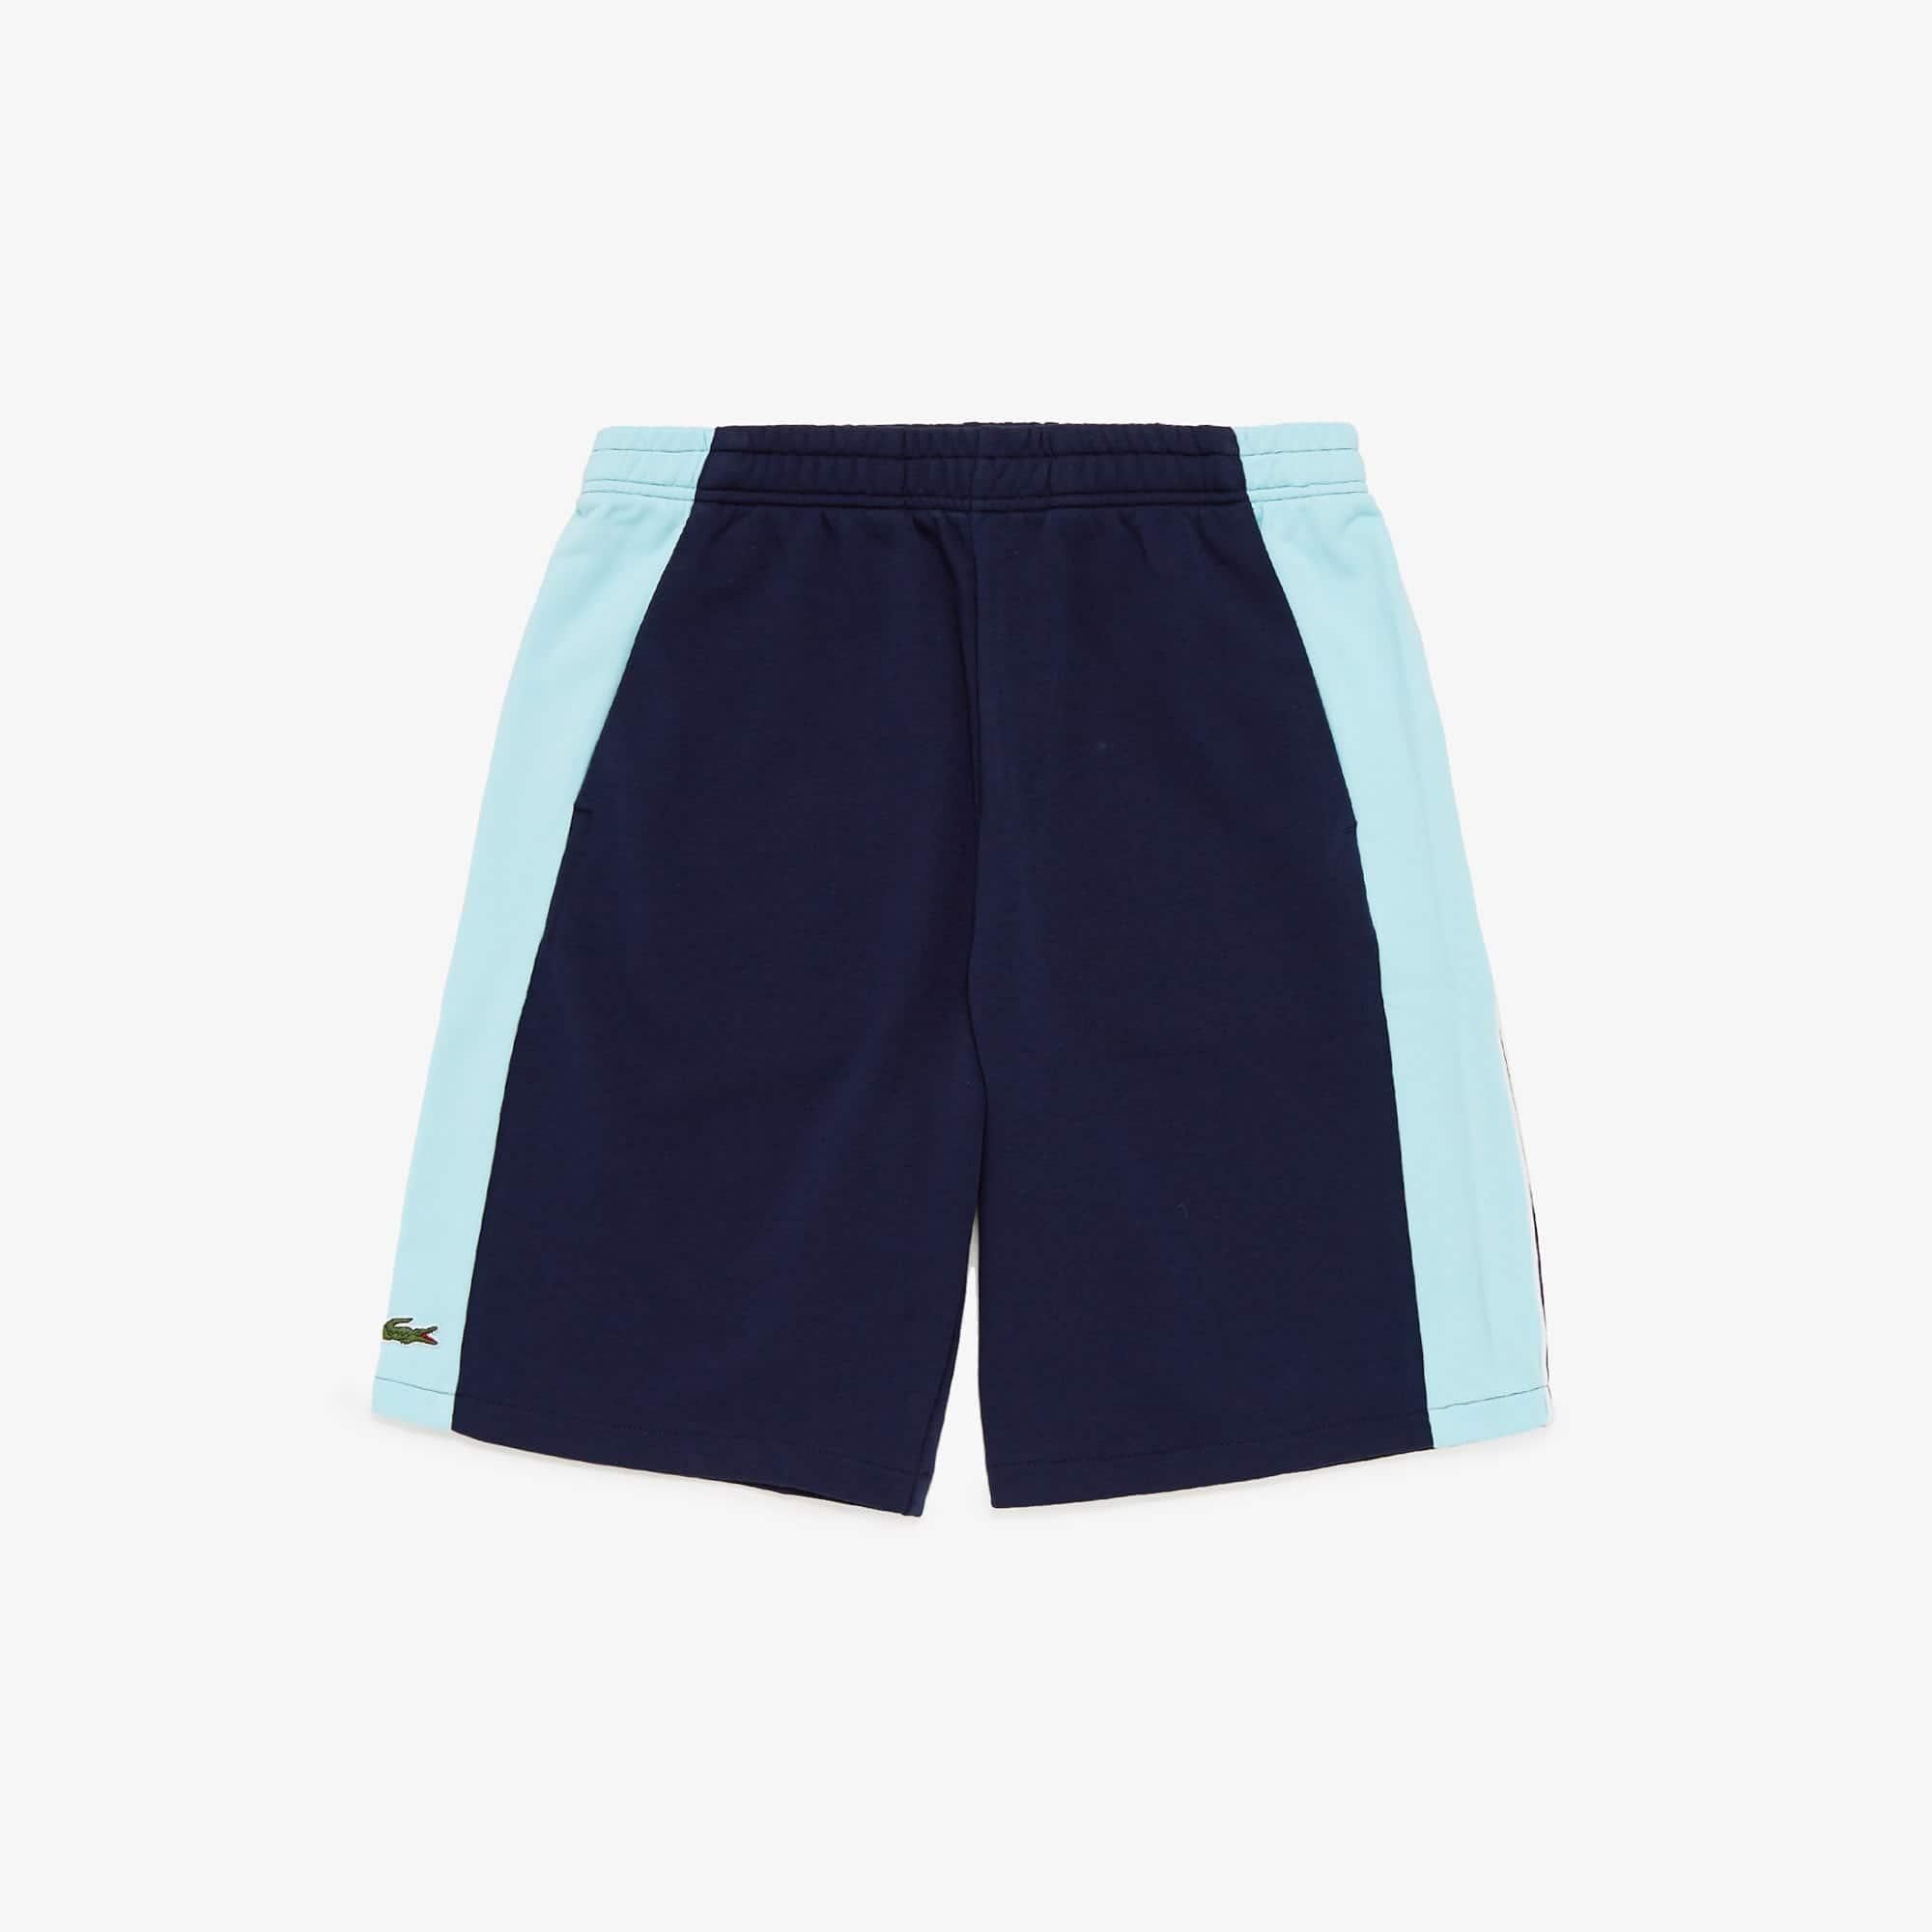 라코스테 Lacoste Mens SPORT Miami Open Colorblock Fleece Shorts,Navy Blue / Turquoise / White JGK